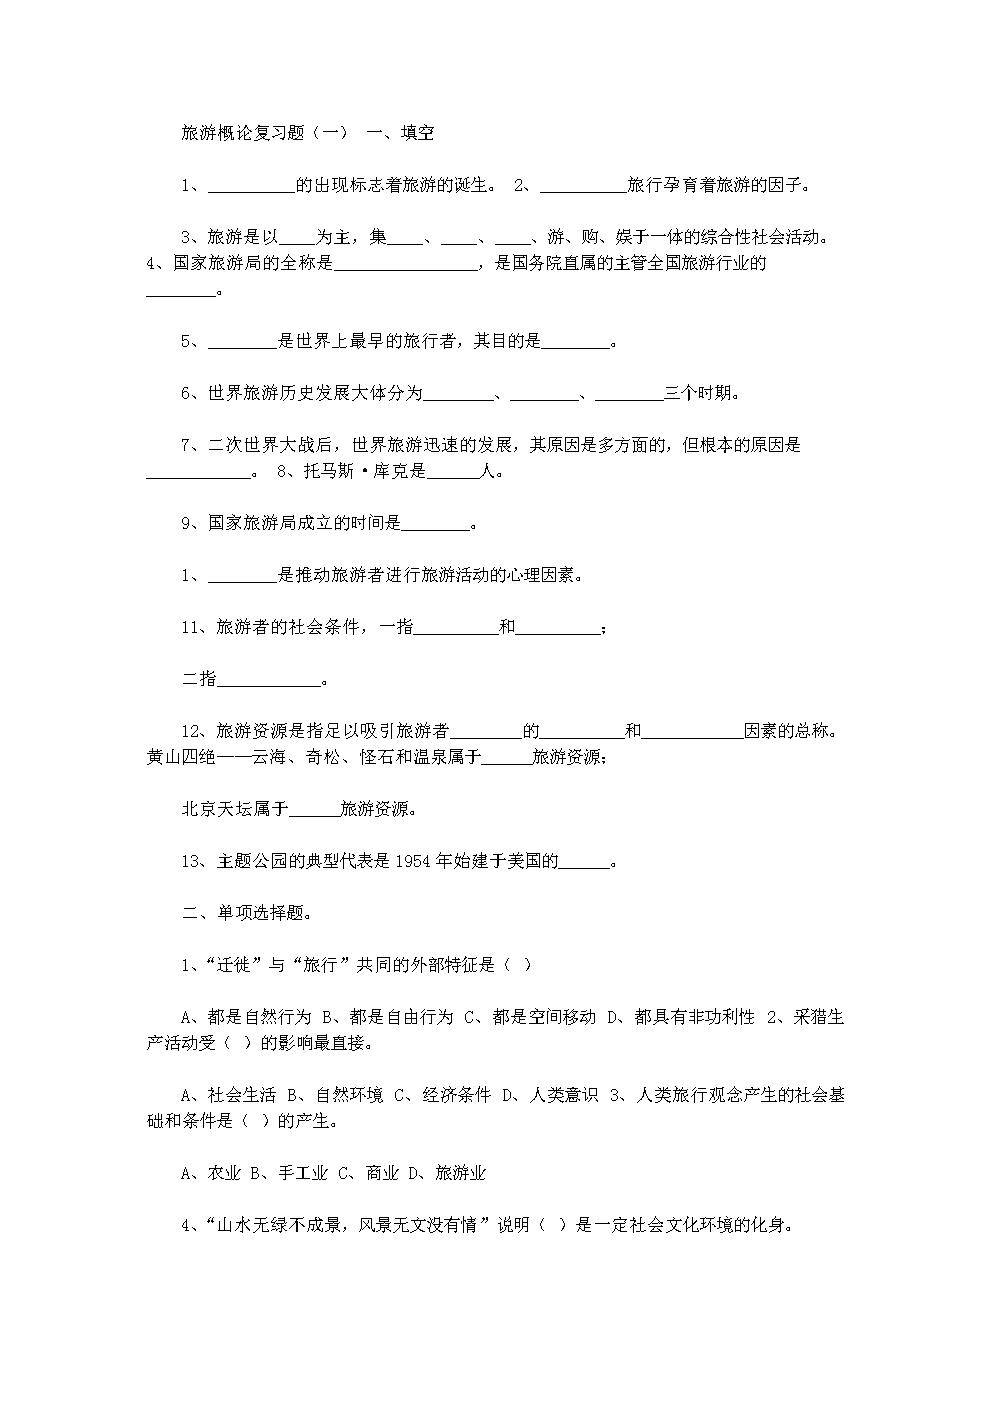 公司旅游文案概论(共7篇汇总).doc